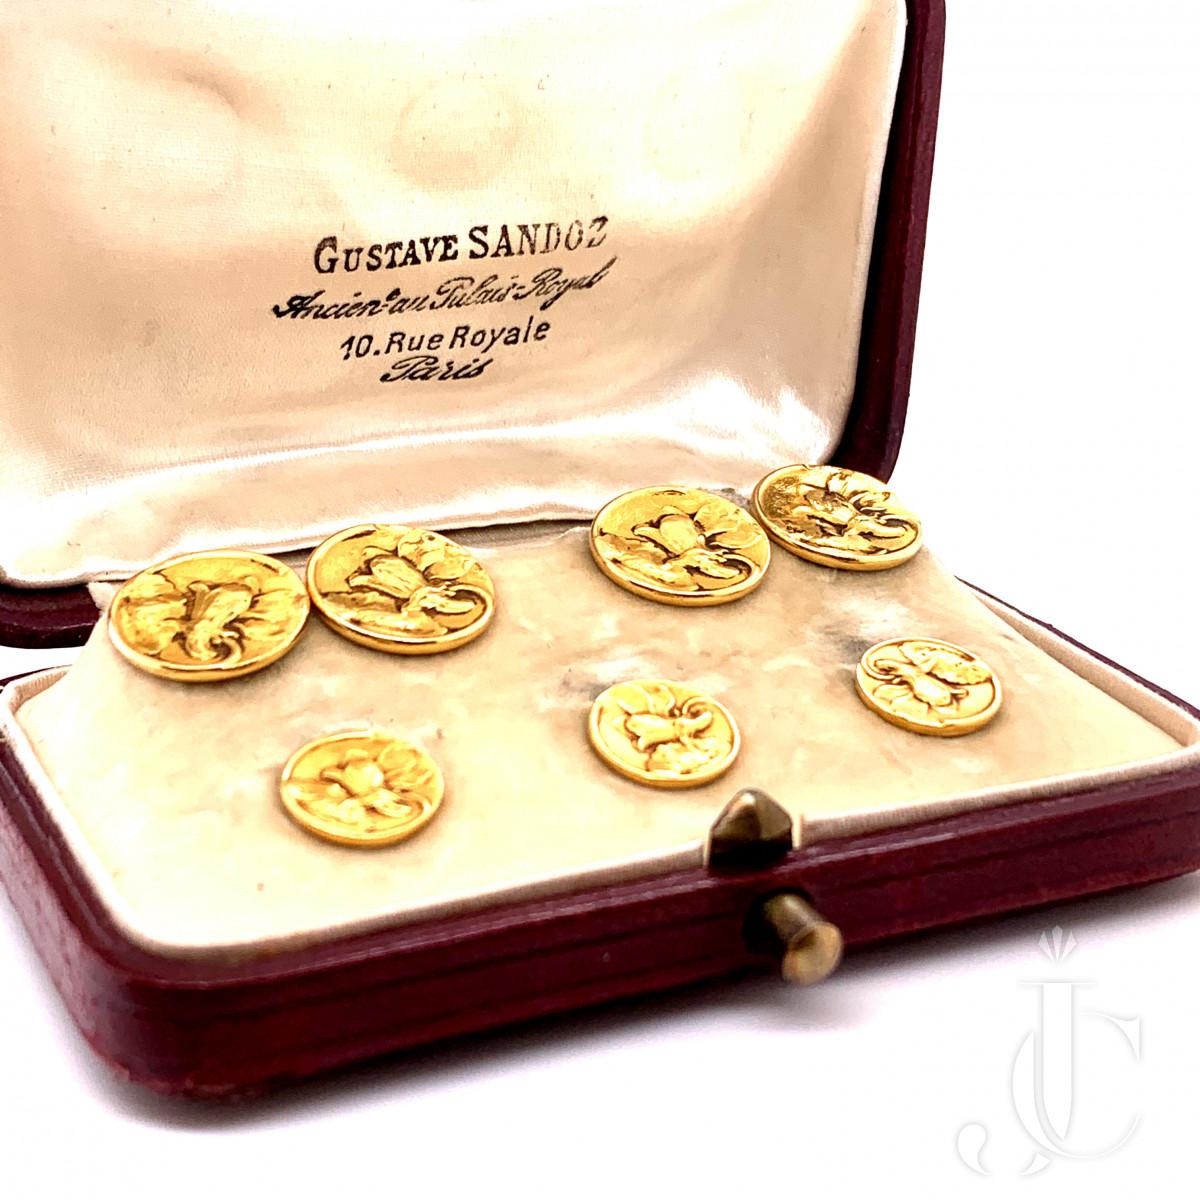 18K gold pair of cufflinks by Gustave Sandoz